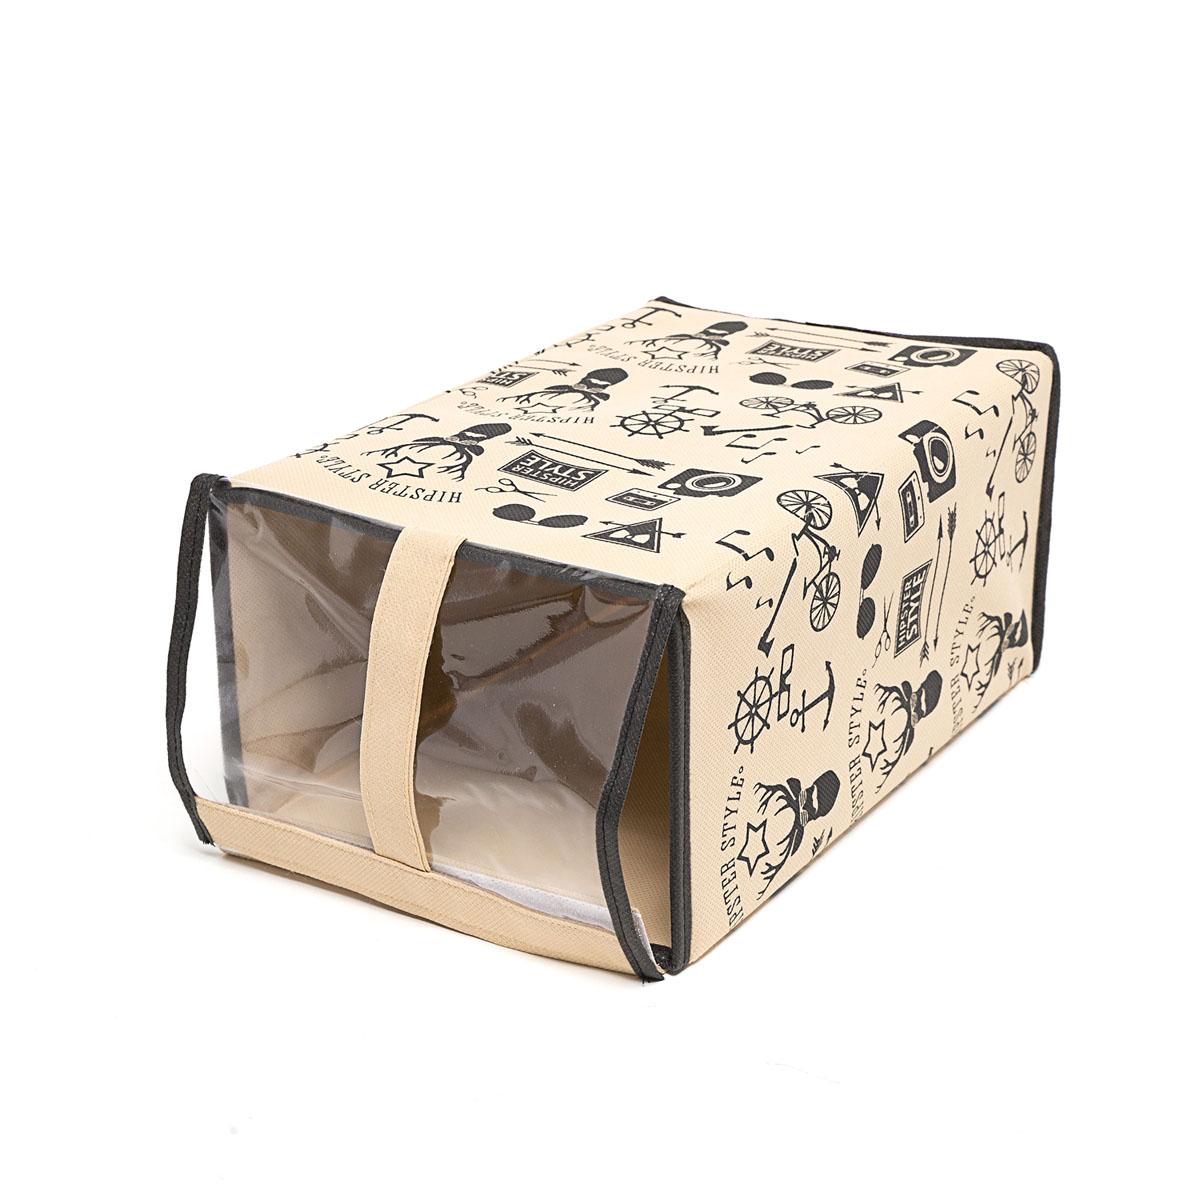 Кофр для хранения обуви Homsu Hipster Style, 33 х 22 х 16 смHOM-118Кофр Homsu Hipster Style изготовлен из высококачественного нетканого материала с фирменным орнаментом, который позволяет сохранять естественную вентиляцию, а воздуху свободно проникать внутрь, не пропуская пыль. Благодаря специальной картонной вставке, кофр прекрасно держит форму, а эстетичный дизайн гармонично смотрится в любом интерьере. Изделие идеально подходит для хранения обуви. Мобильность конструкции обеспечивает складывание и раскладывание одним движением. Кофр Homsu Hipster Style - это новый взгляд на систему хранения - теперь хранить вещи не только удобно, но и красиво. Прозрачная вставка из ПВХ позволяет видеть содержимое. Размер кофра: 33 х 16 х 22 см.